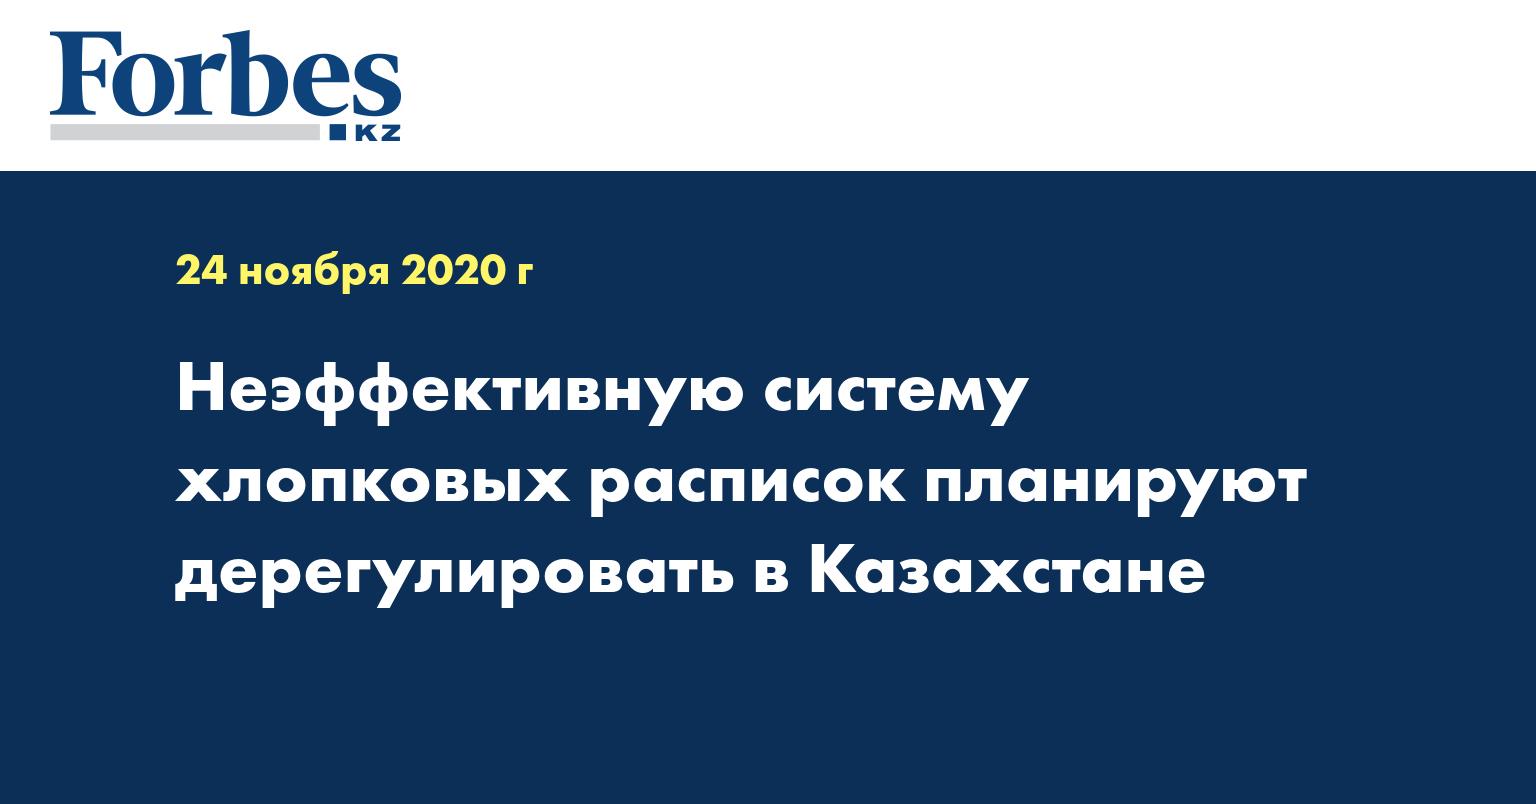 Неэффективную систему хлопковых расписок планируют дерегулировать в Казахстане